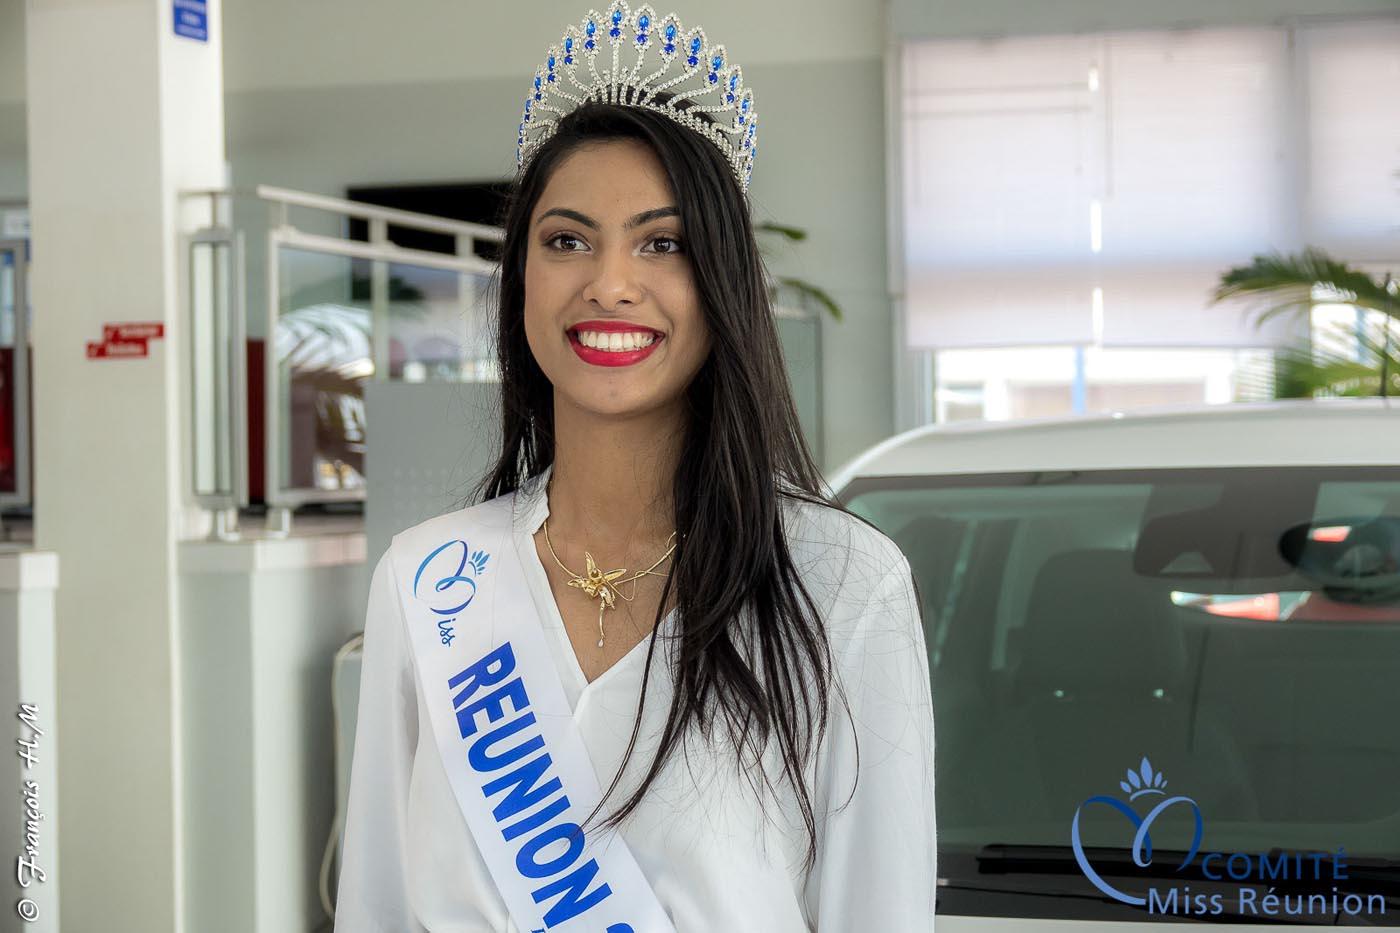 Le magnifique sourire de Miss Réunion 2017